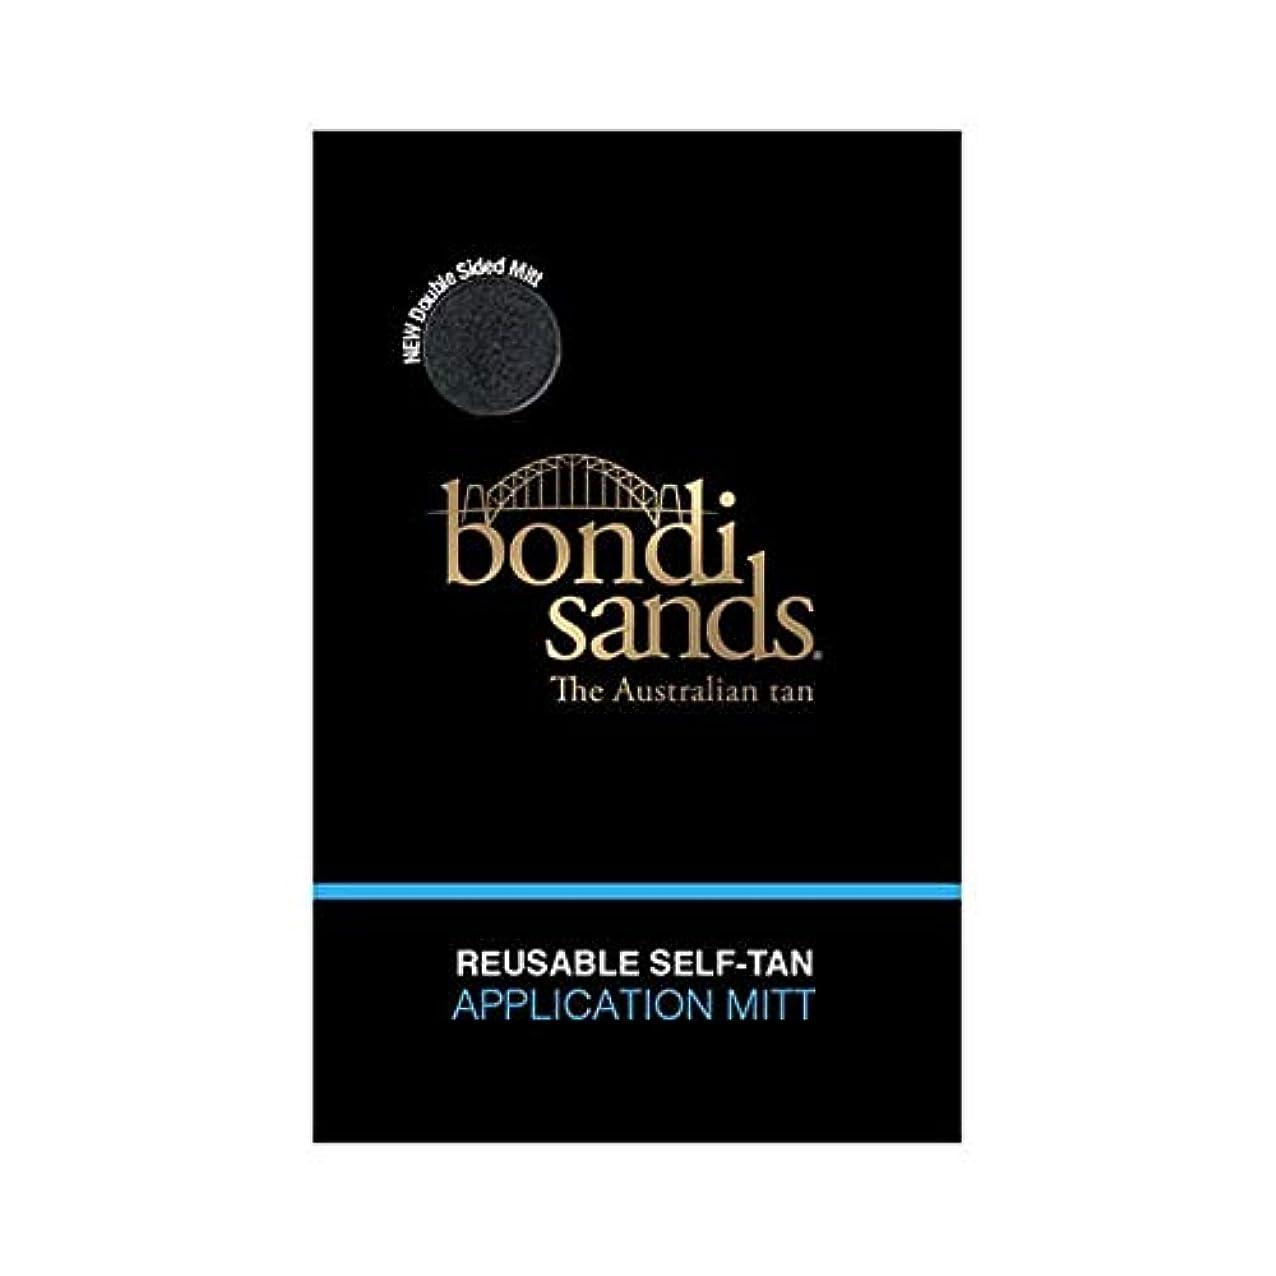 ペストリー浜辺フォアタイプ[Bondi Sands ] ボンダイサンド自己日焼けアプリケーションミット - Bondi Sands Self Tan Application Mitt [並行輸入品]